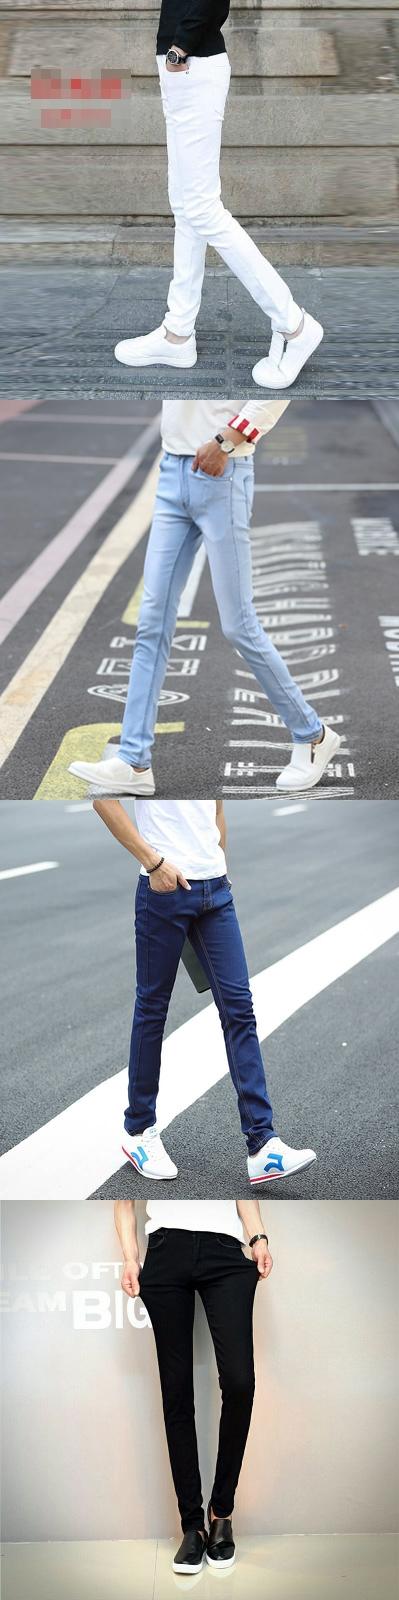 รองเท้าชาย กางเกงยีนส์สไตล์วินเทอร์